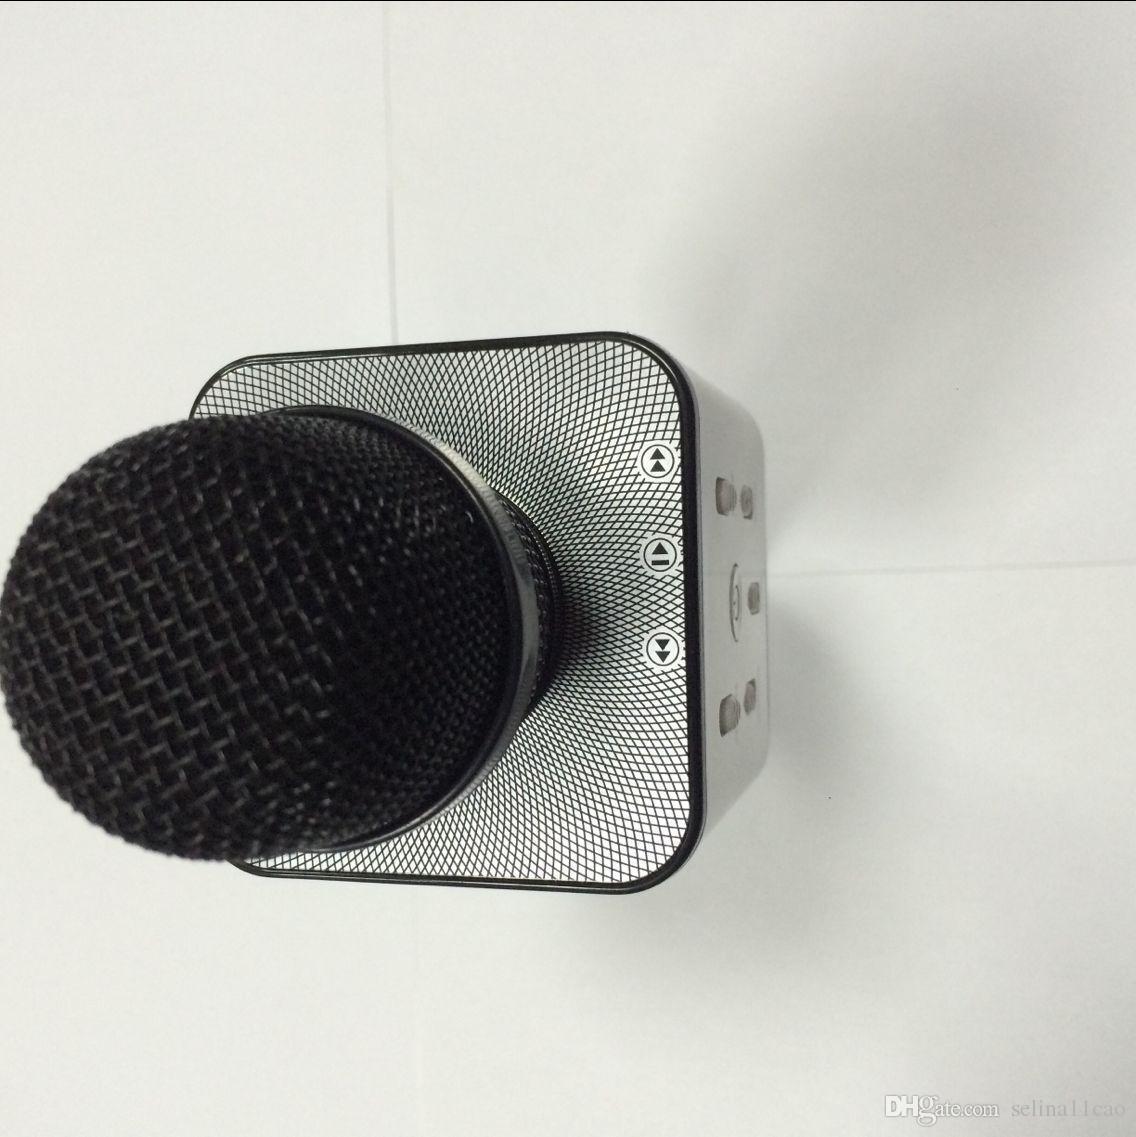 ميكروفون لاسلكي محمول Q7 ماجيك KTV مع مكبر صوت محمول مكبر صوت محمول ماجيك بلوتوث مشغل كاريوكي للهواتف الذكية فون 7